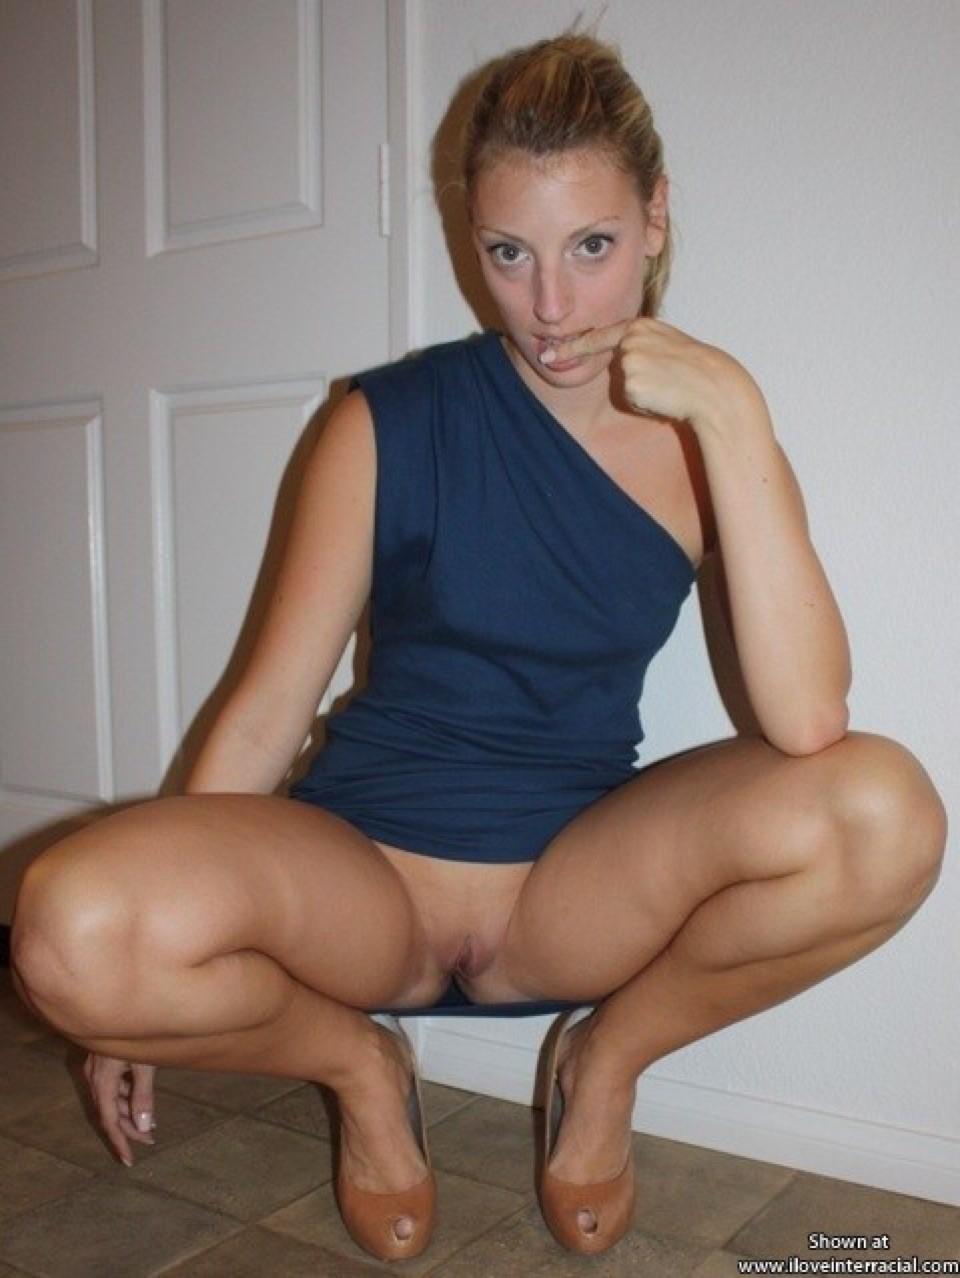 Блондинка достаточно раскованно чувствует себя перед камерой – она готова показать многое